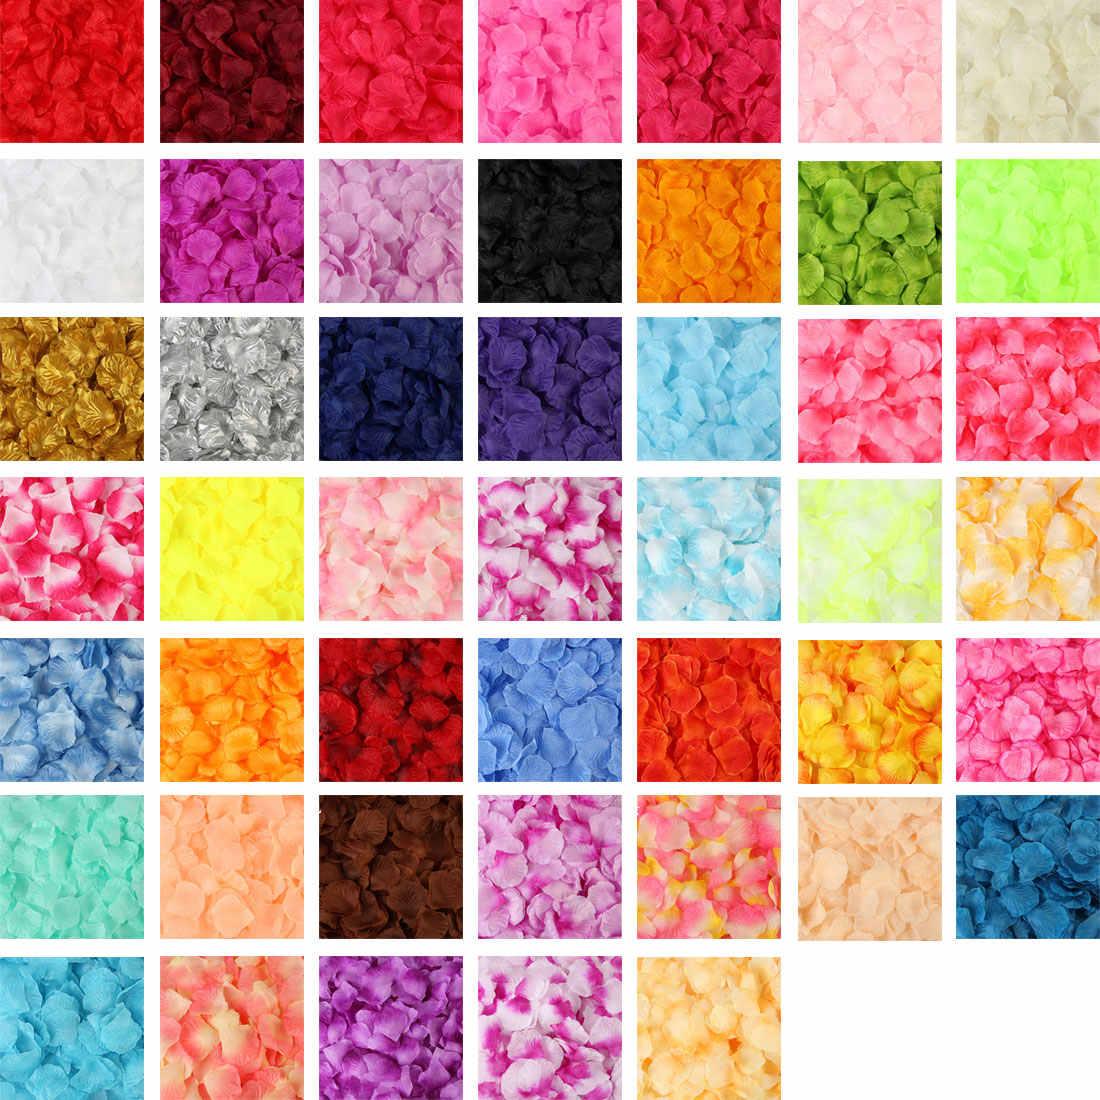 100 Pcs/set Buatan Bunga 5*5 Cm Rose Kelopak Colorful untuk Aksesori Pernikahan Rumah Natal Bunga Palsu Tahun Baru dekorasi